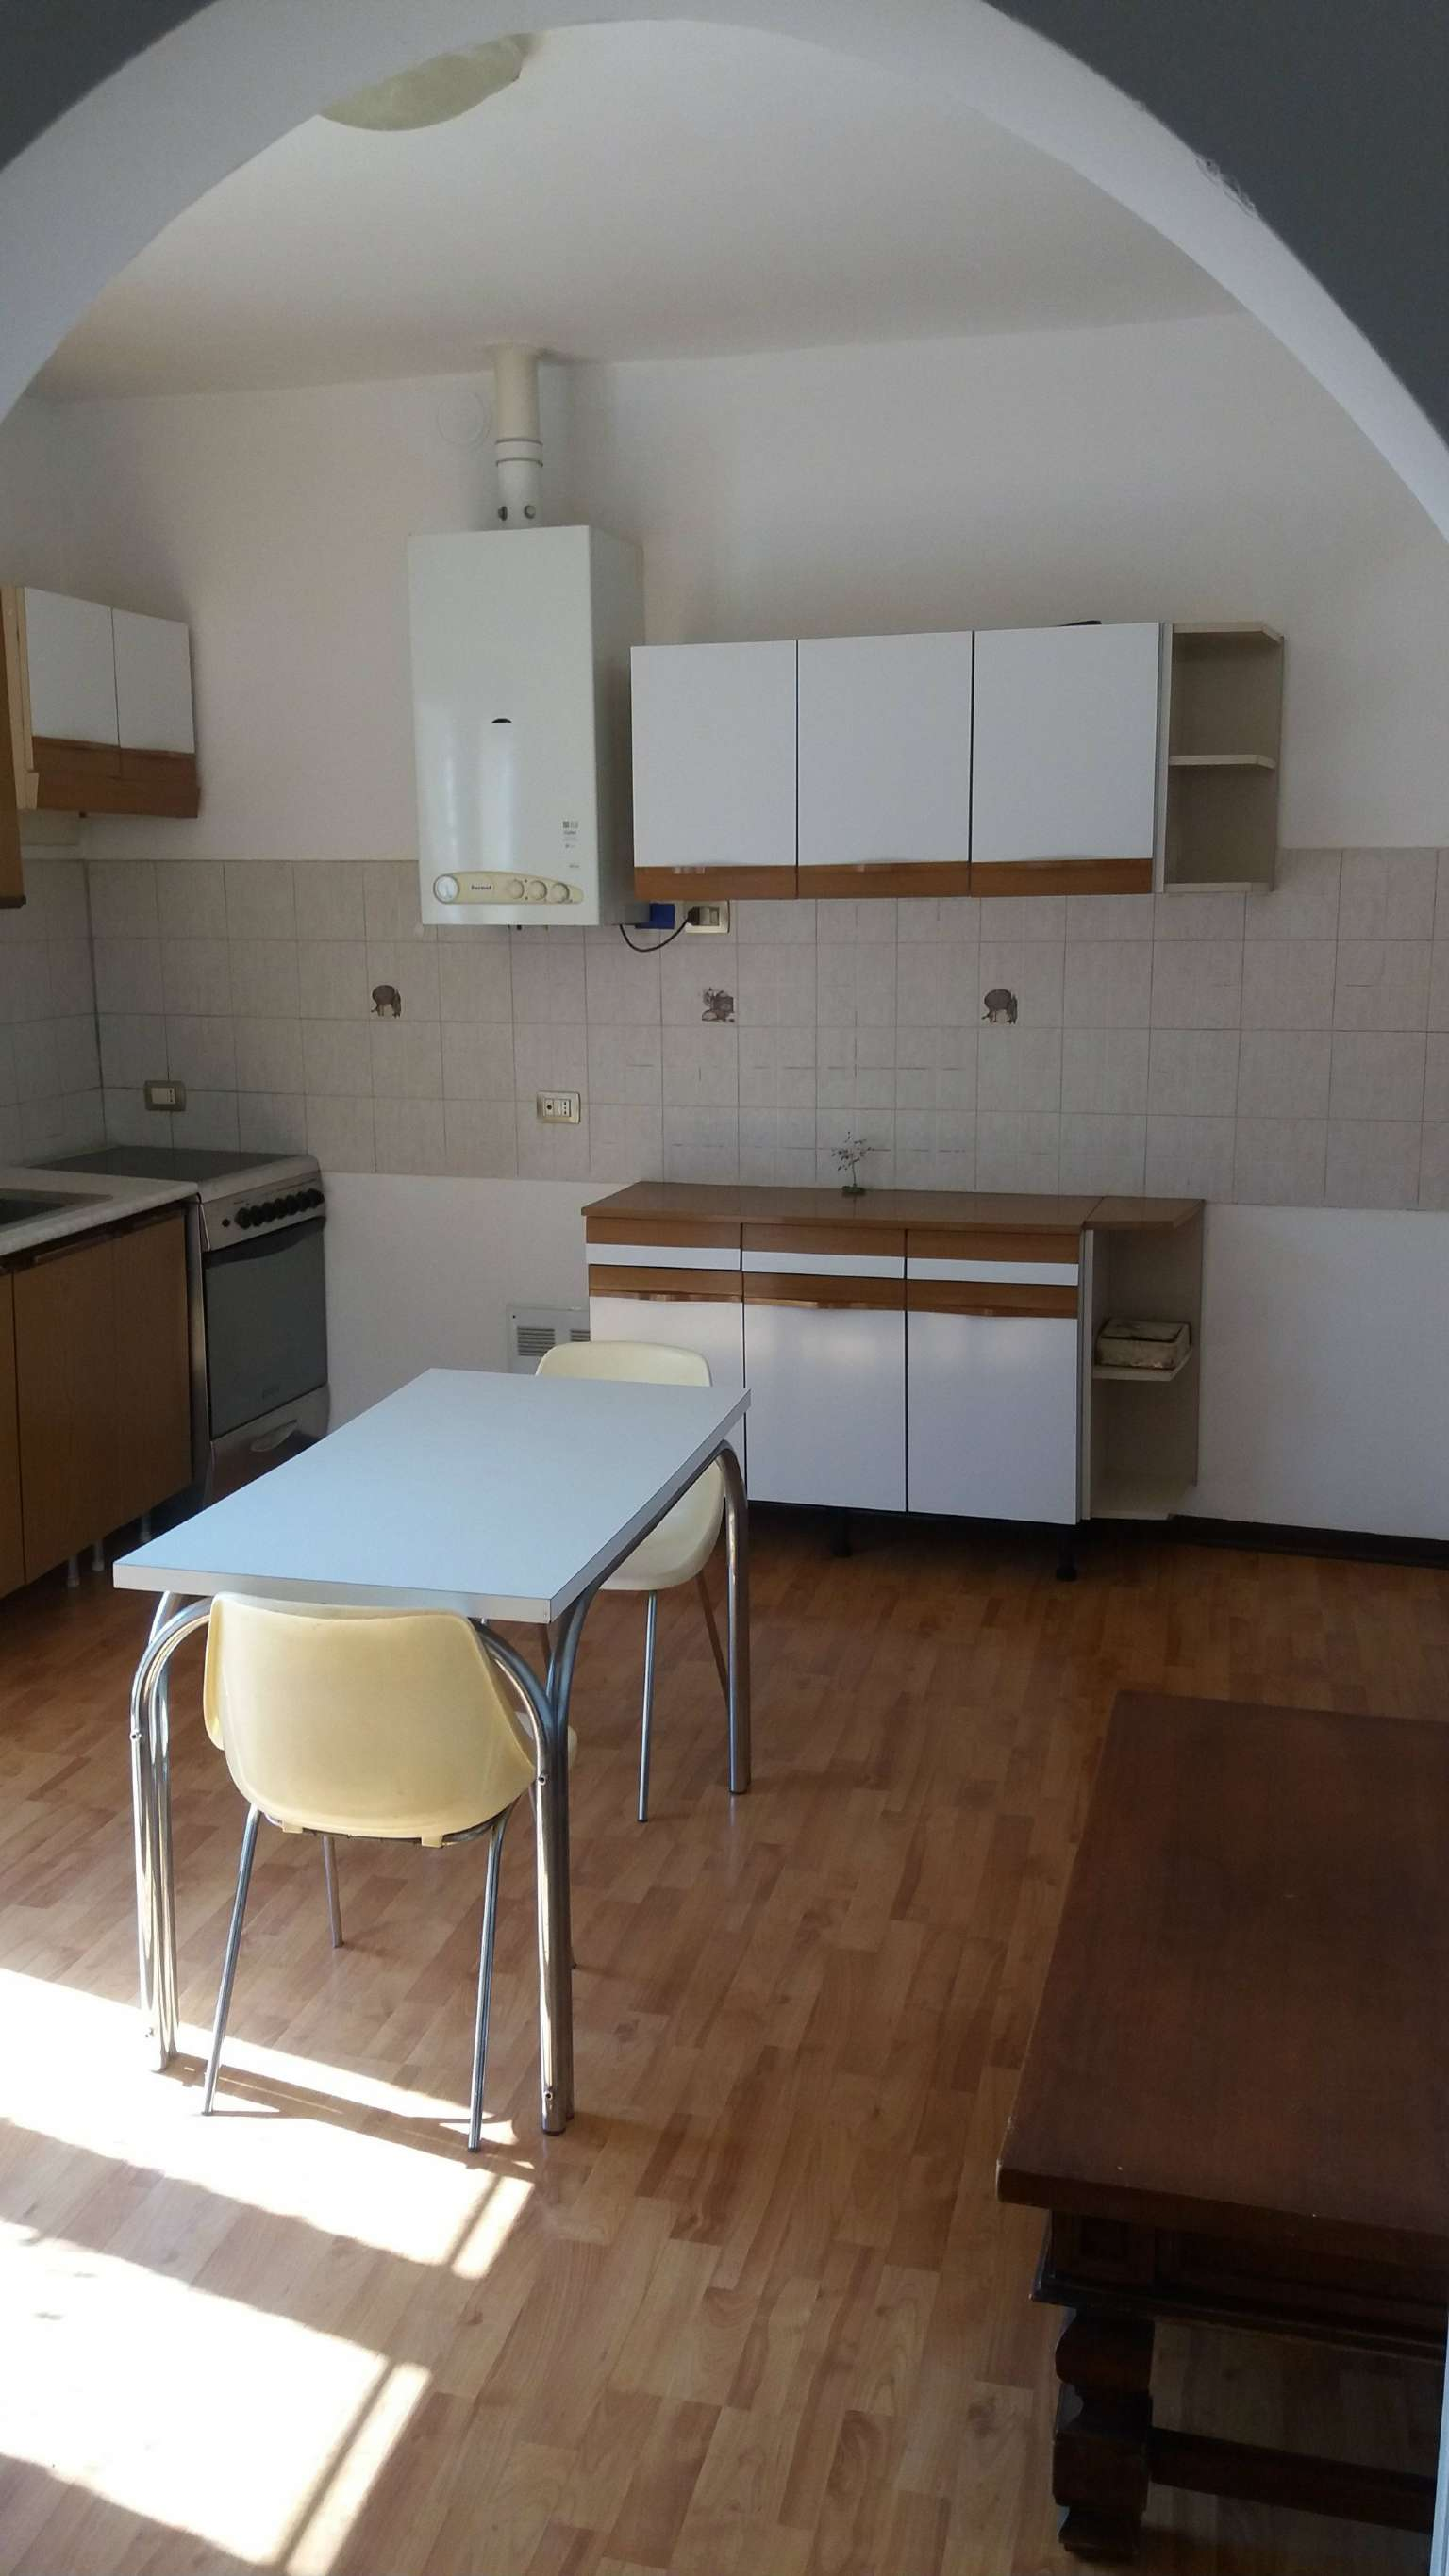 Appartamento in vendita a Lozza, 1 locali, prezzo € 40.000 | CambioCasa.it